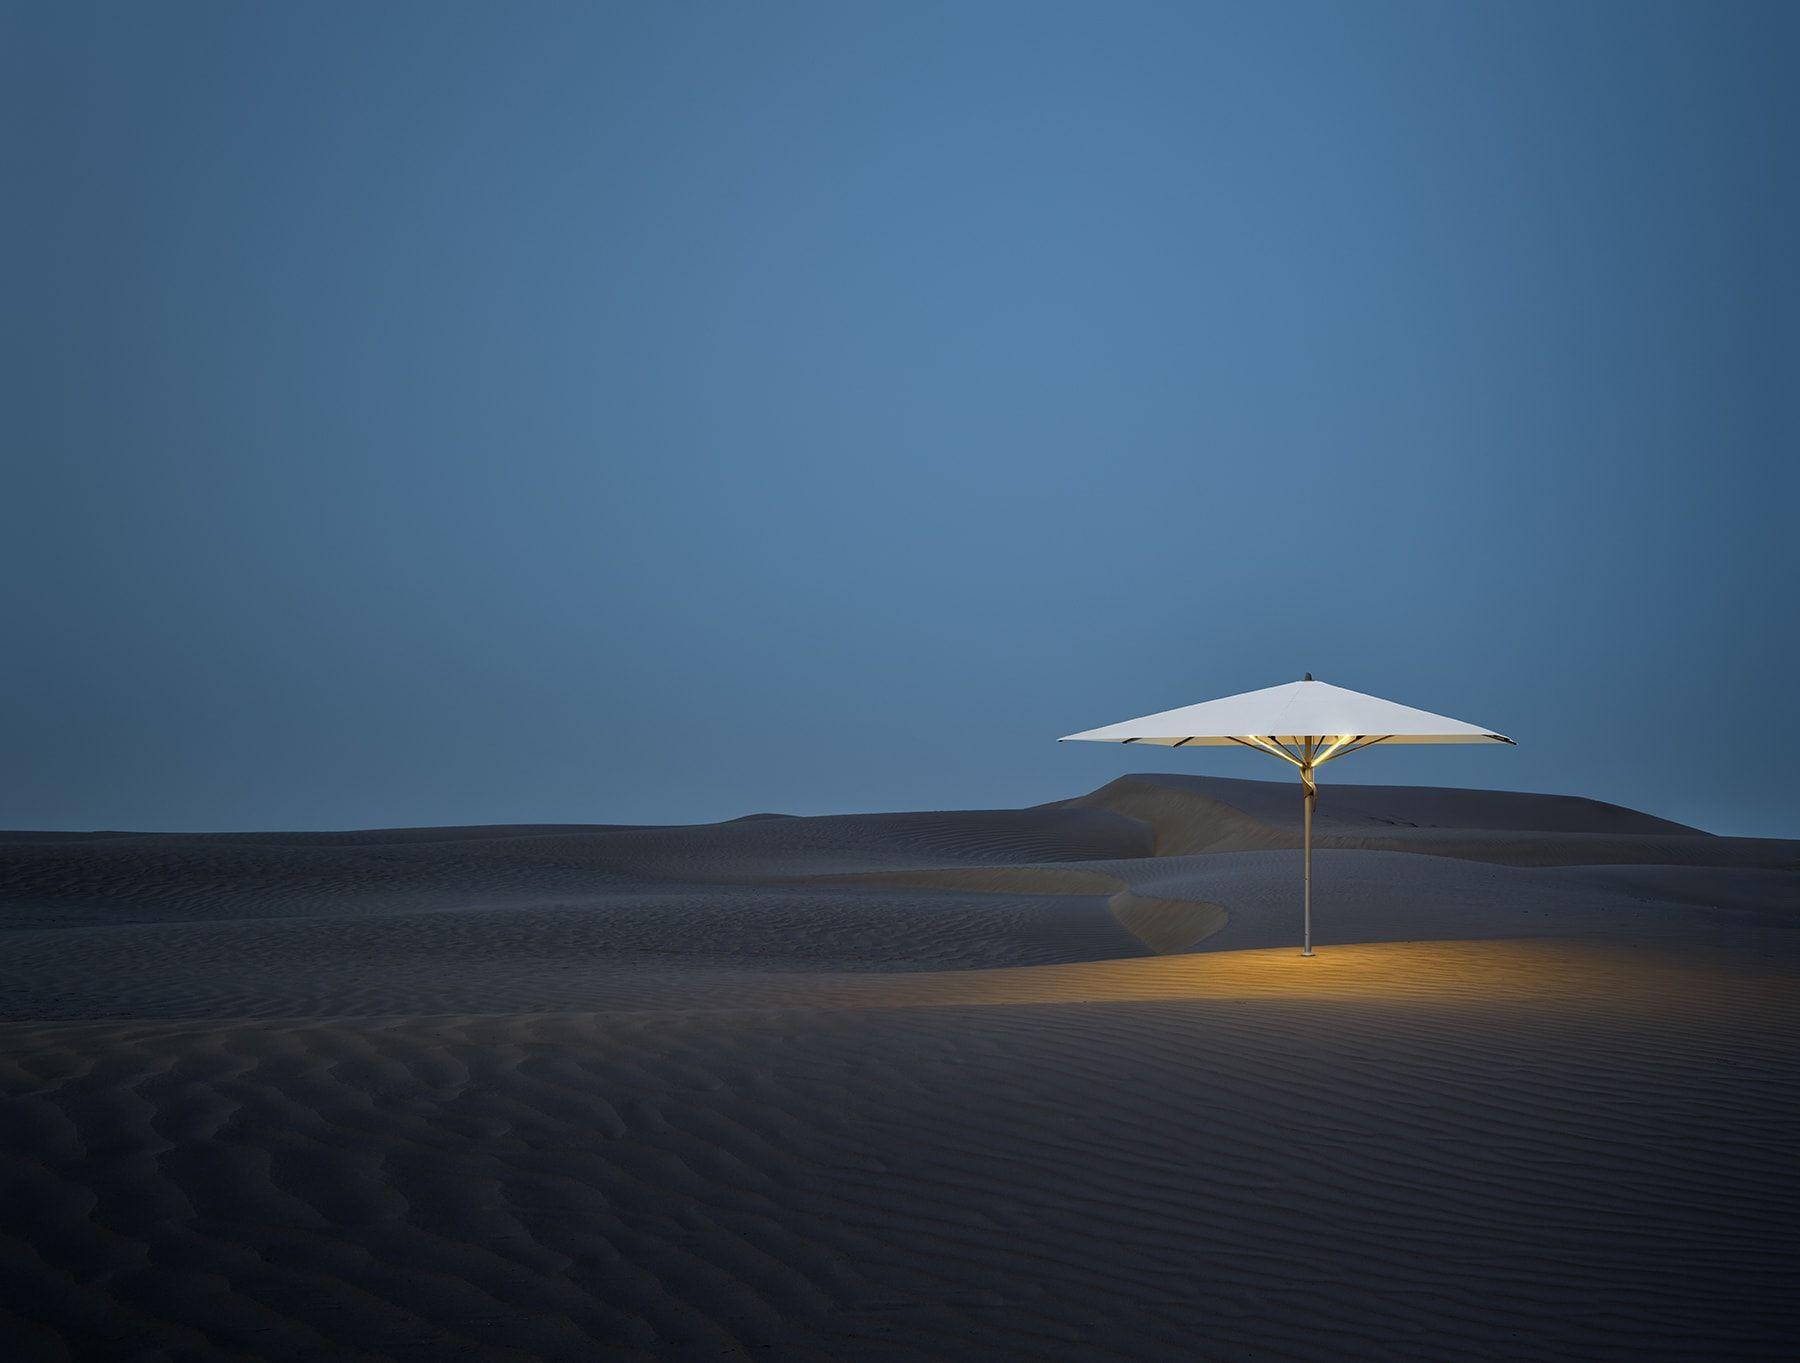 Der Sonnenschirm Glatz Fortello spendet unter seinem Schirmdach wohltuenden Schatten Das Schirmdach ist durch